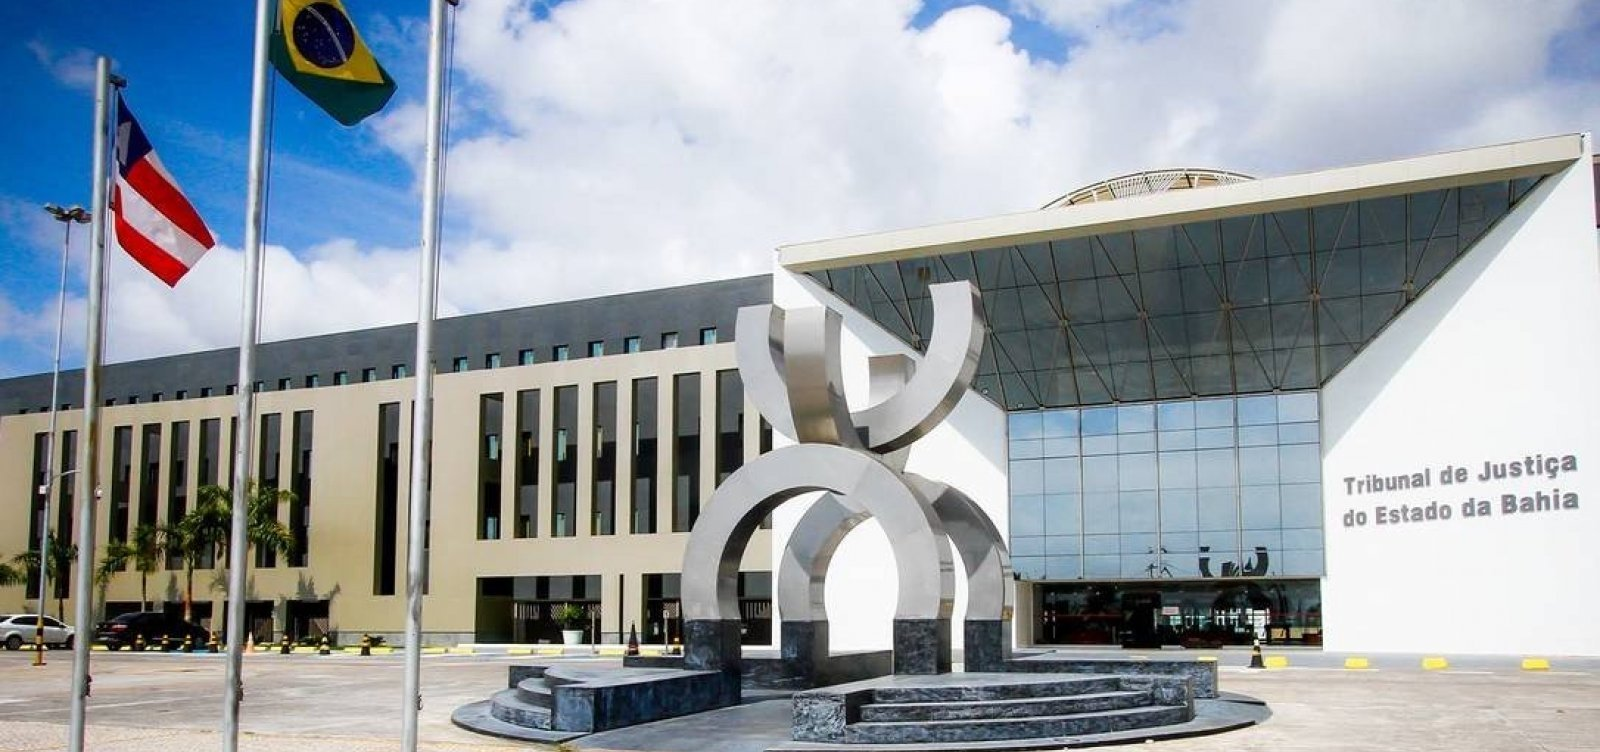 [Corte especial do STJ referenda duas prisões e seis afastamentos no TJ-BA]